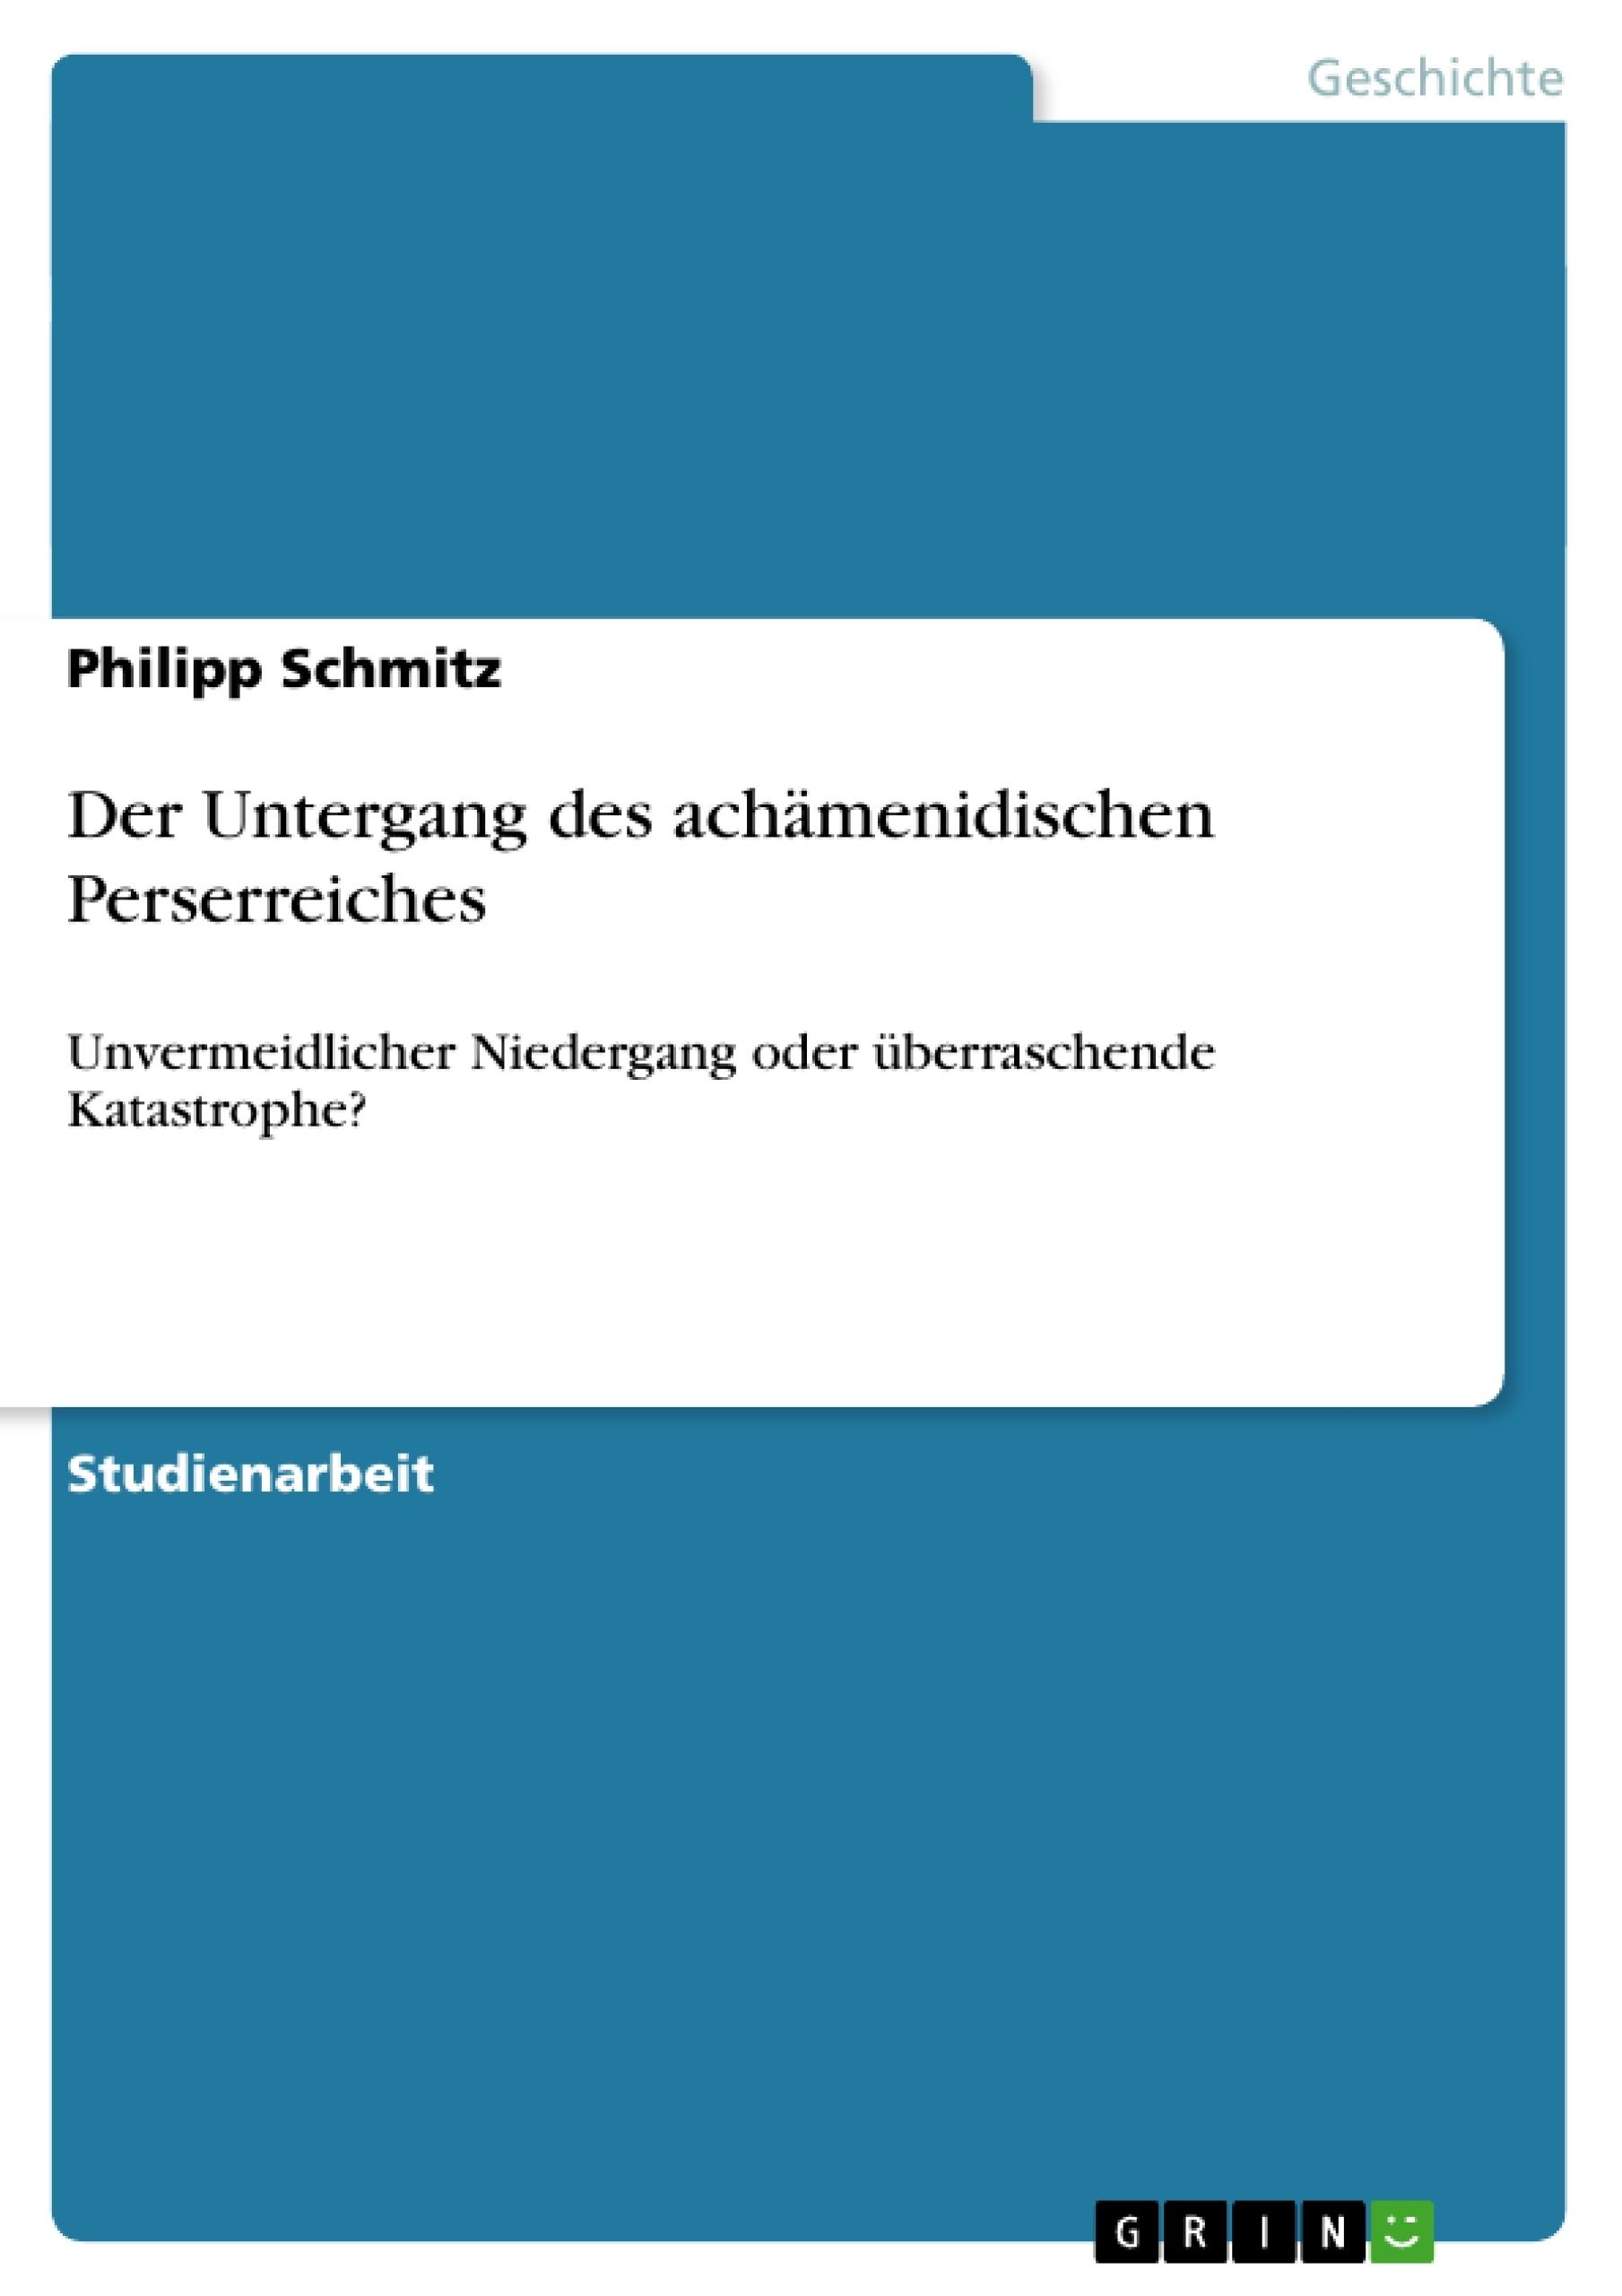 Titel: Der Untergang des achämenidischen Perserreiches